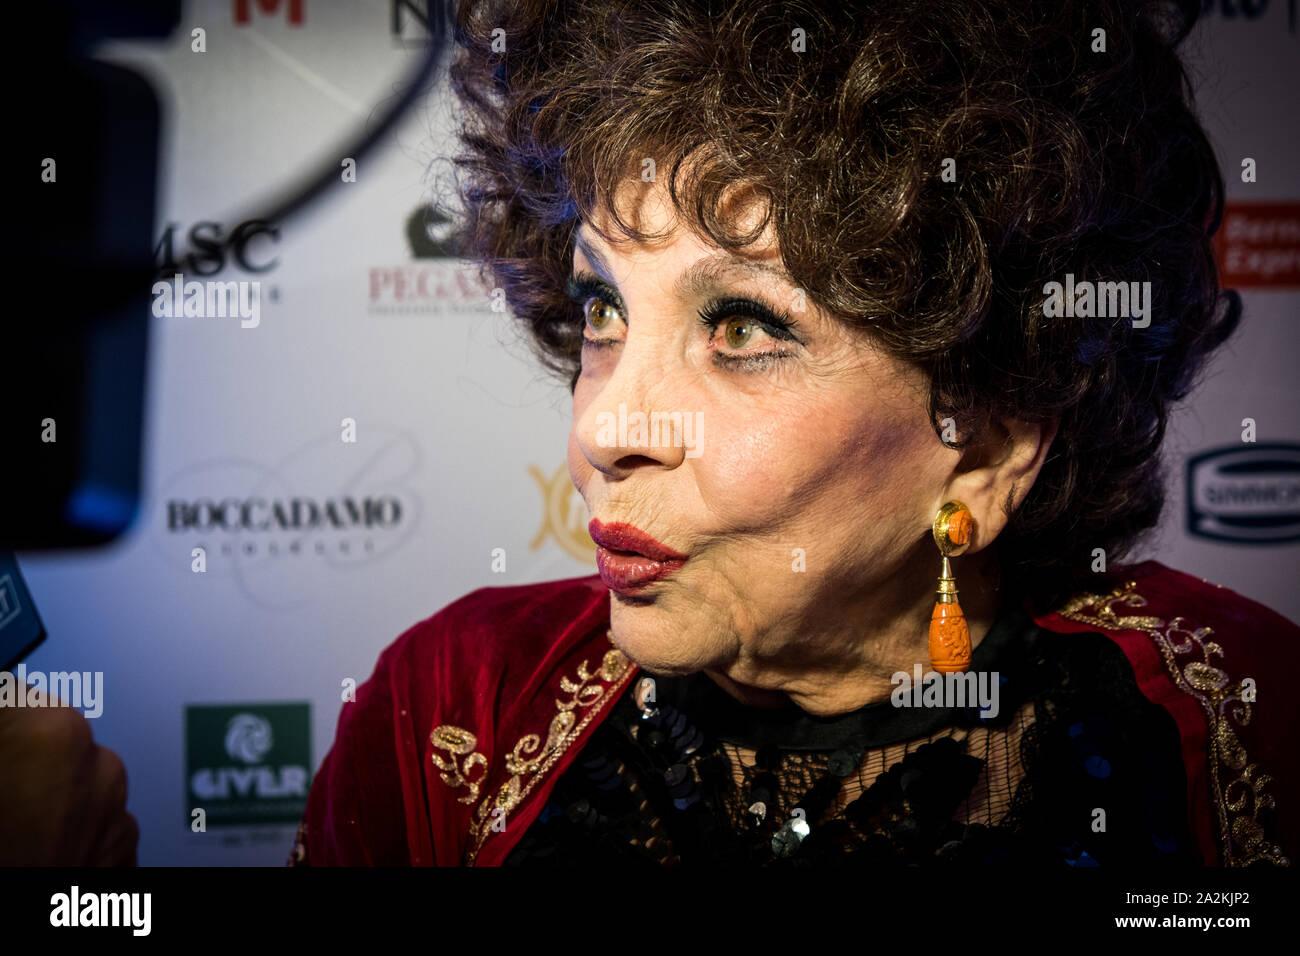 Actress Gina Lollobrigida attends the OGGI magazine's birthday party, at  Principe di Savoia Hotel in Milano Stock Photo - Alamy